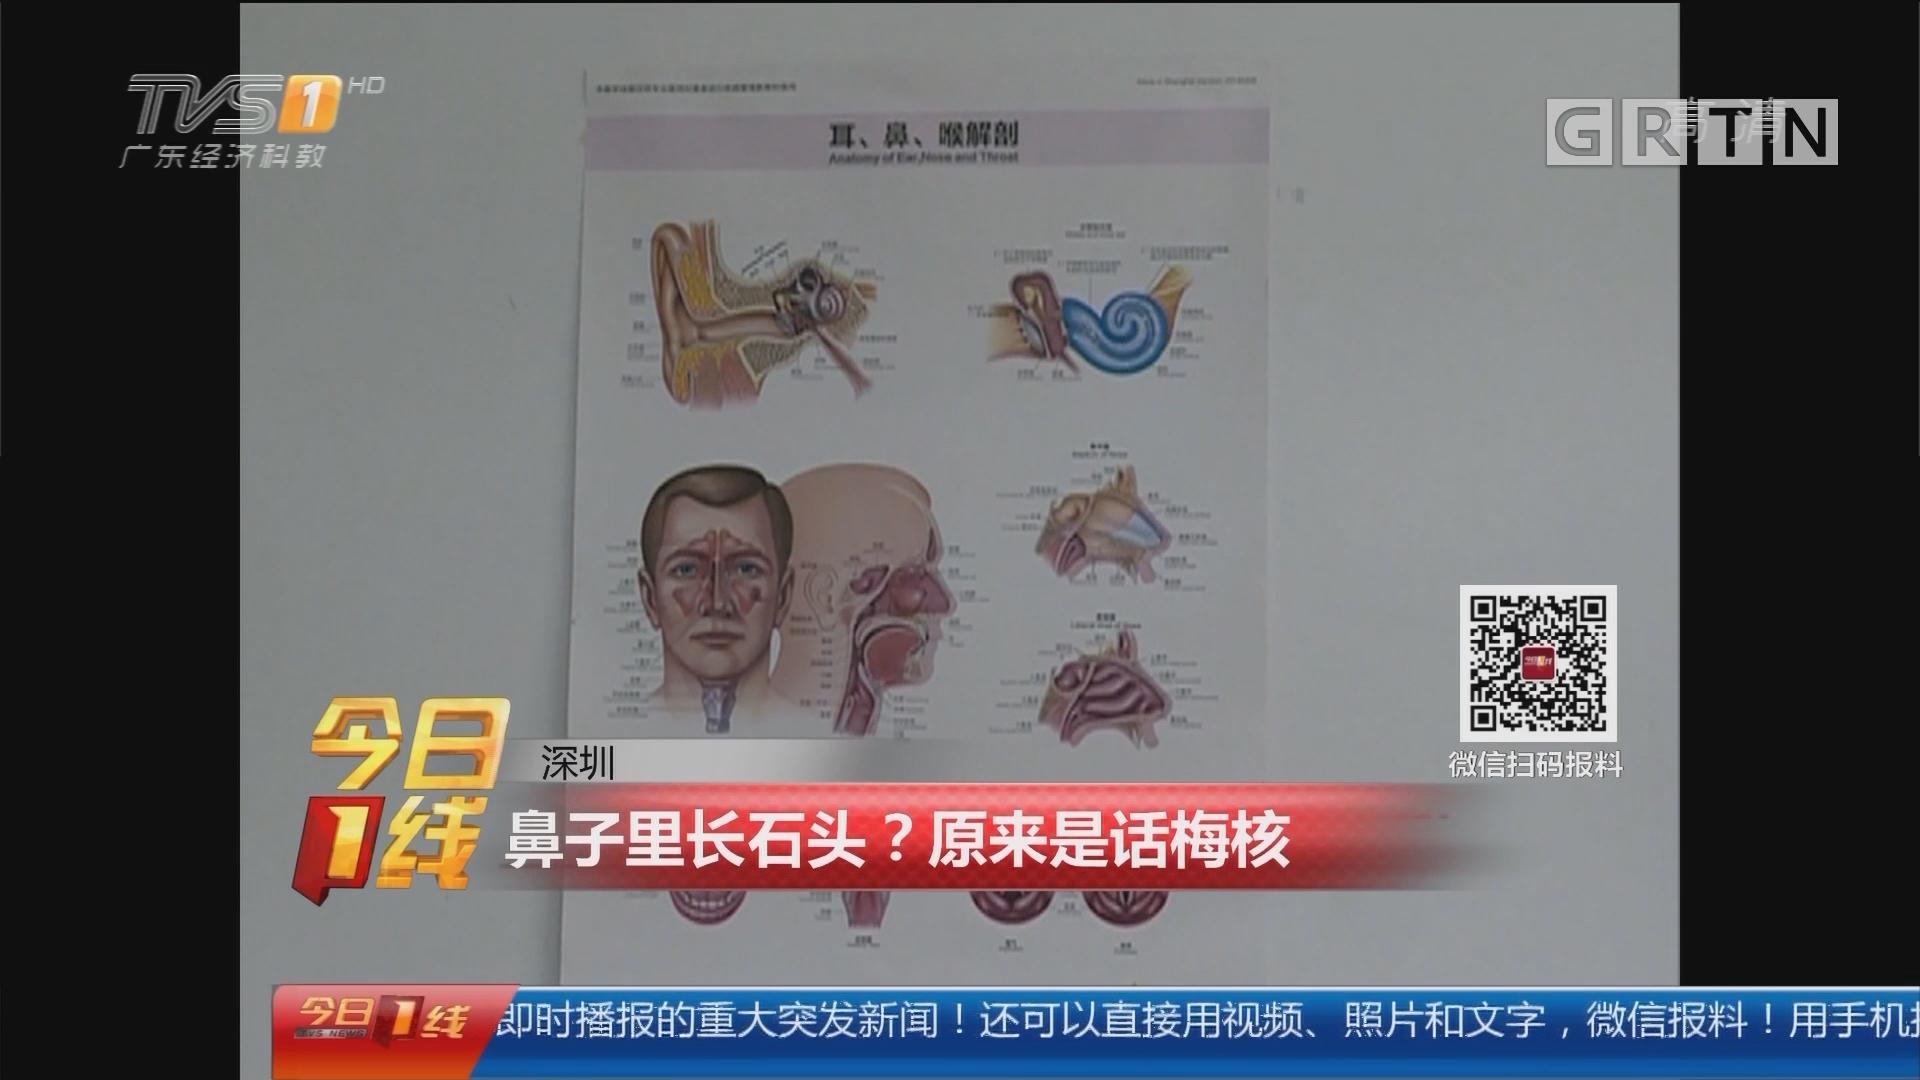 深圳:鼻子里长石头?原来是话梅核